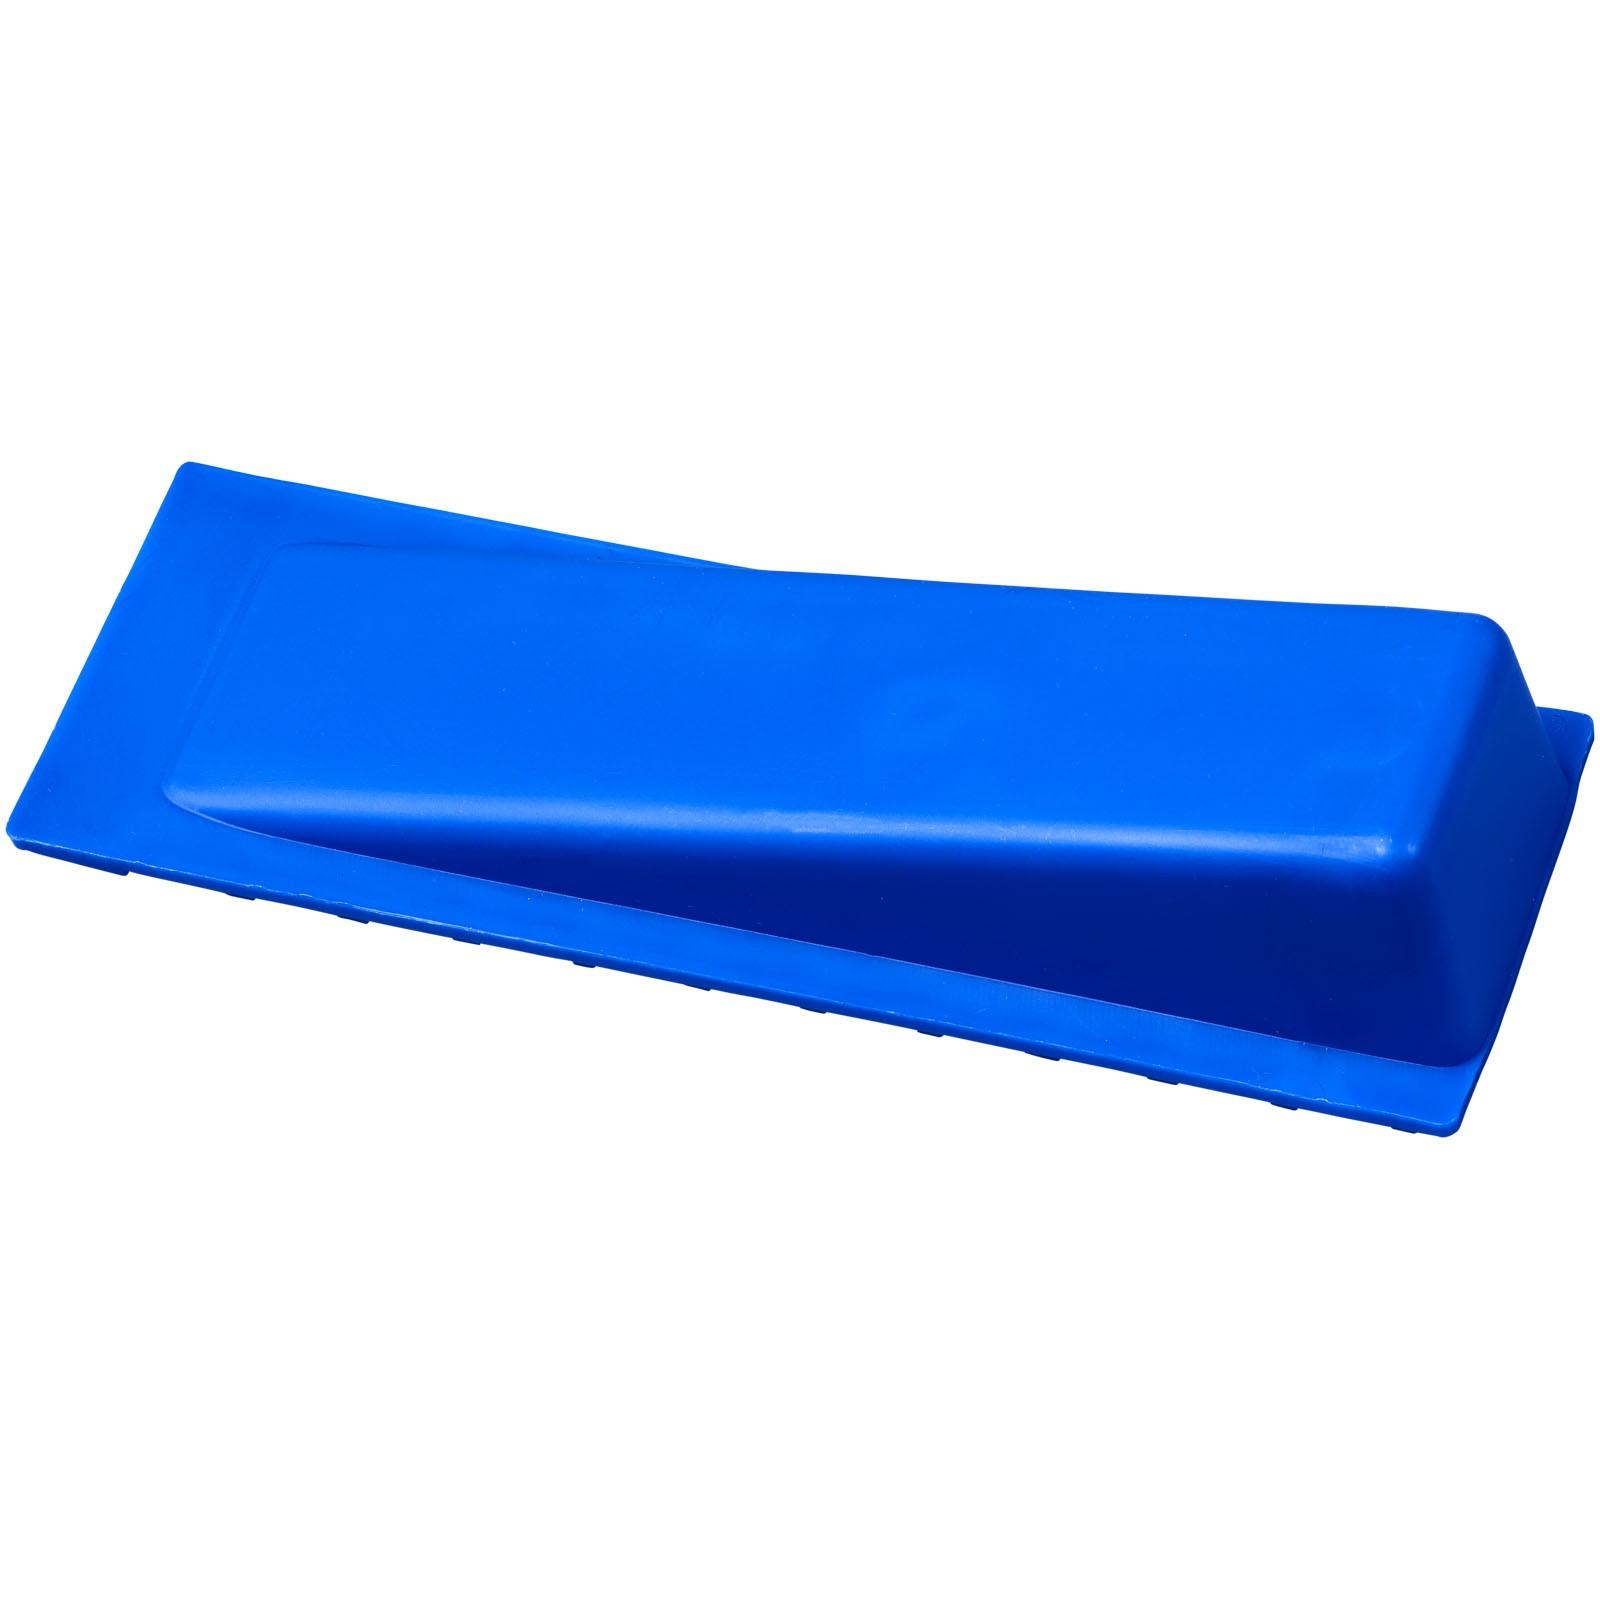 Dana door stop - Blue